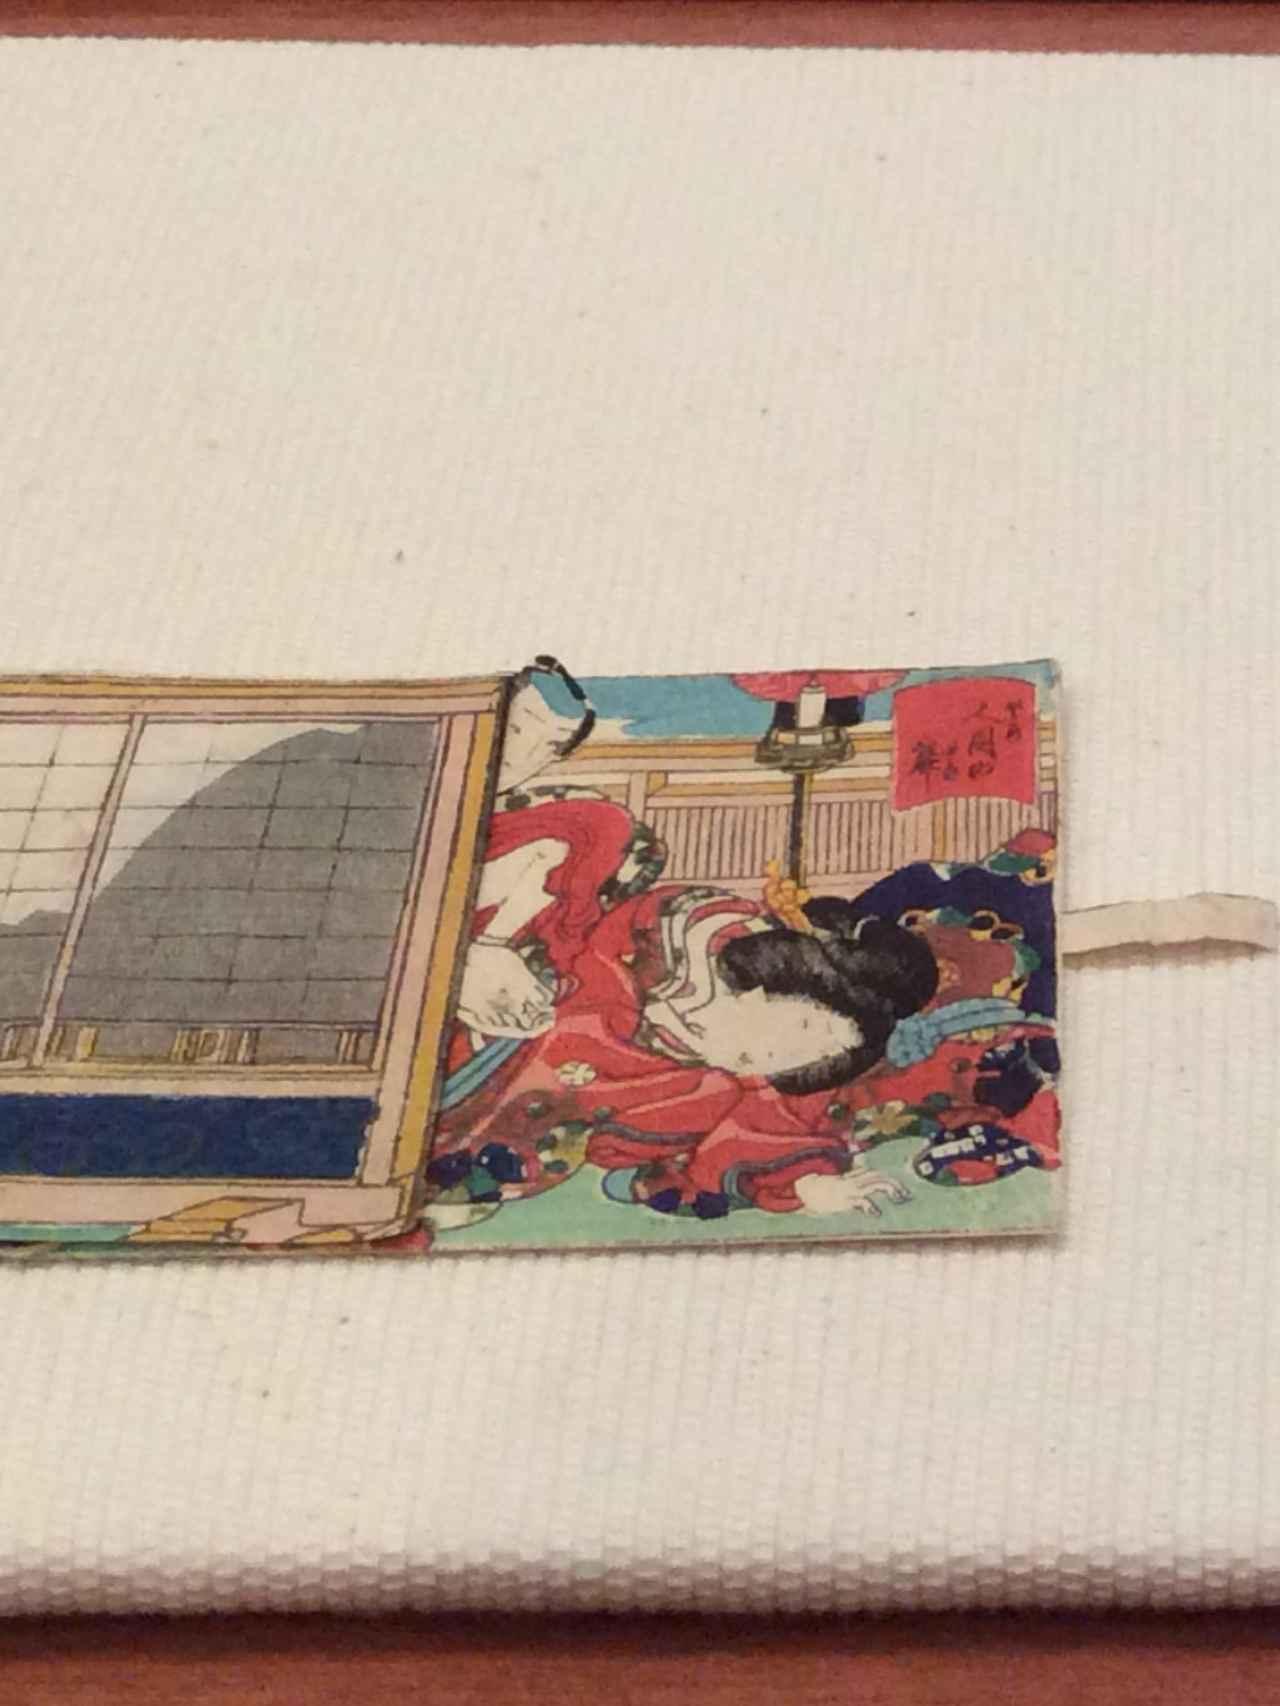 画像: 絵師未詳「初桜色の雛がた」豆版錦絵・仕掛絵        国際日本文化研究センター蔵 《1期》《2期》《3期》《4期》 photo©︎cinefil